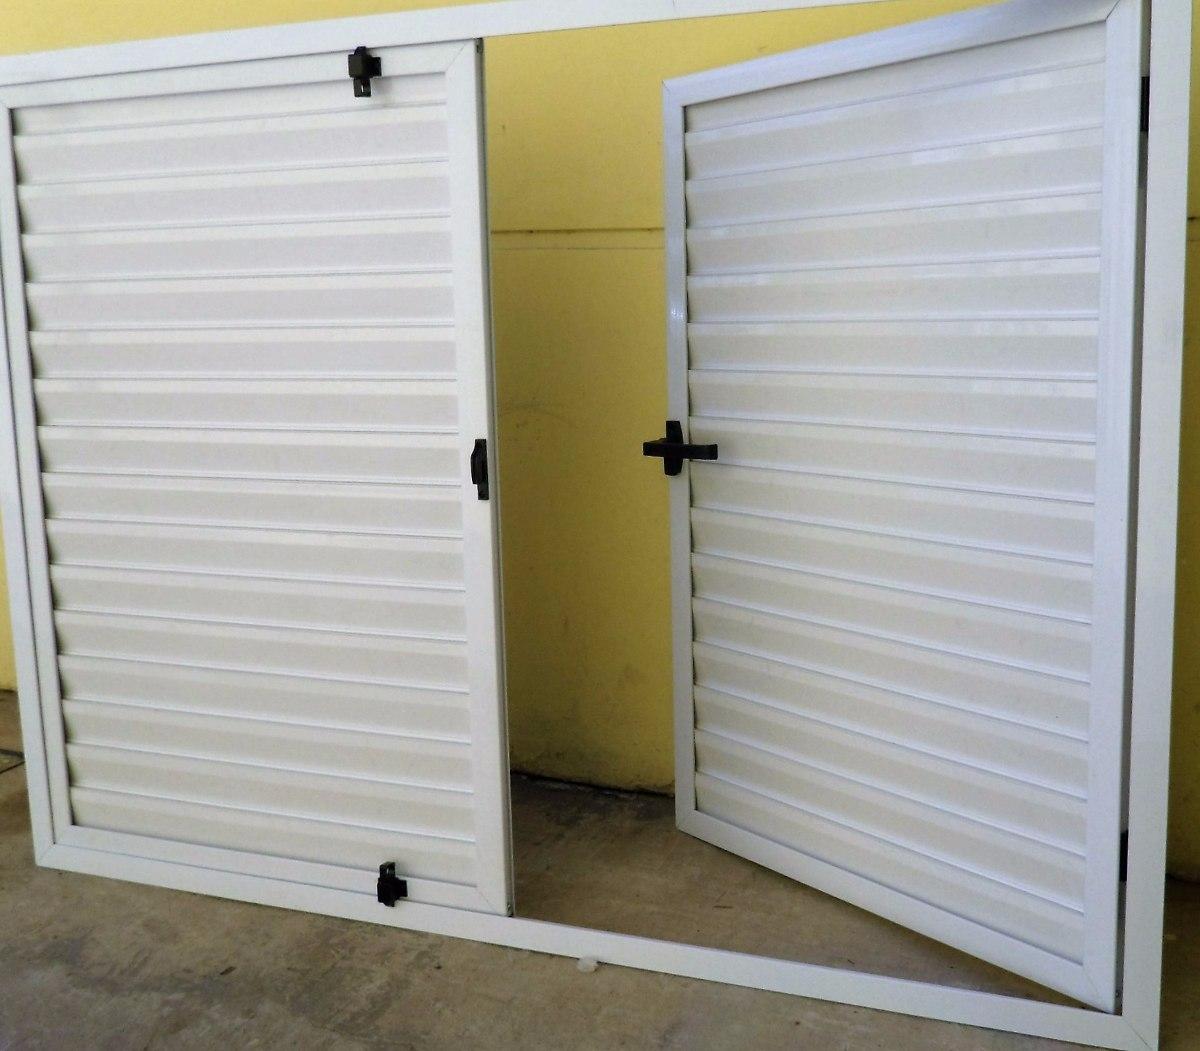 Postigon Aluminio Blanco Para Ventana 150x110 - $ 4.675,00 en ...